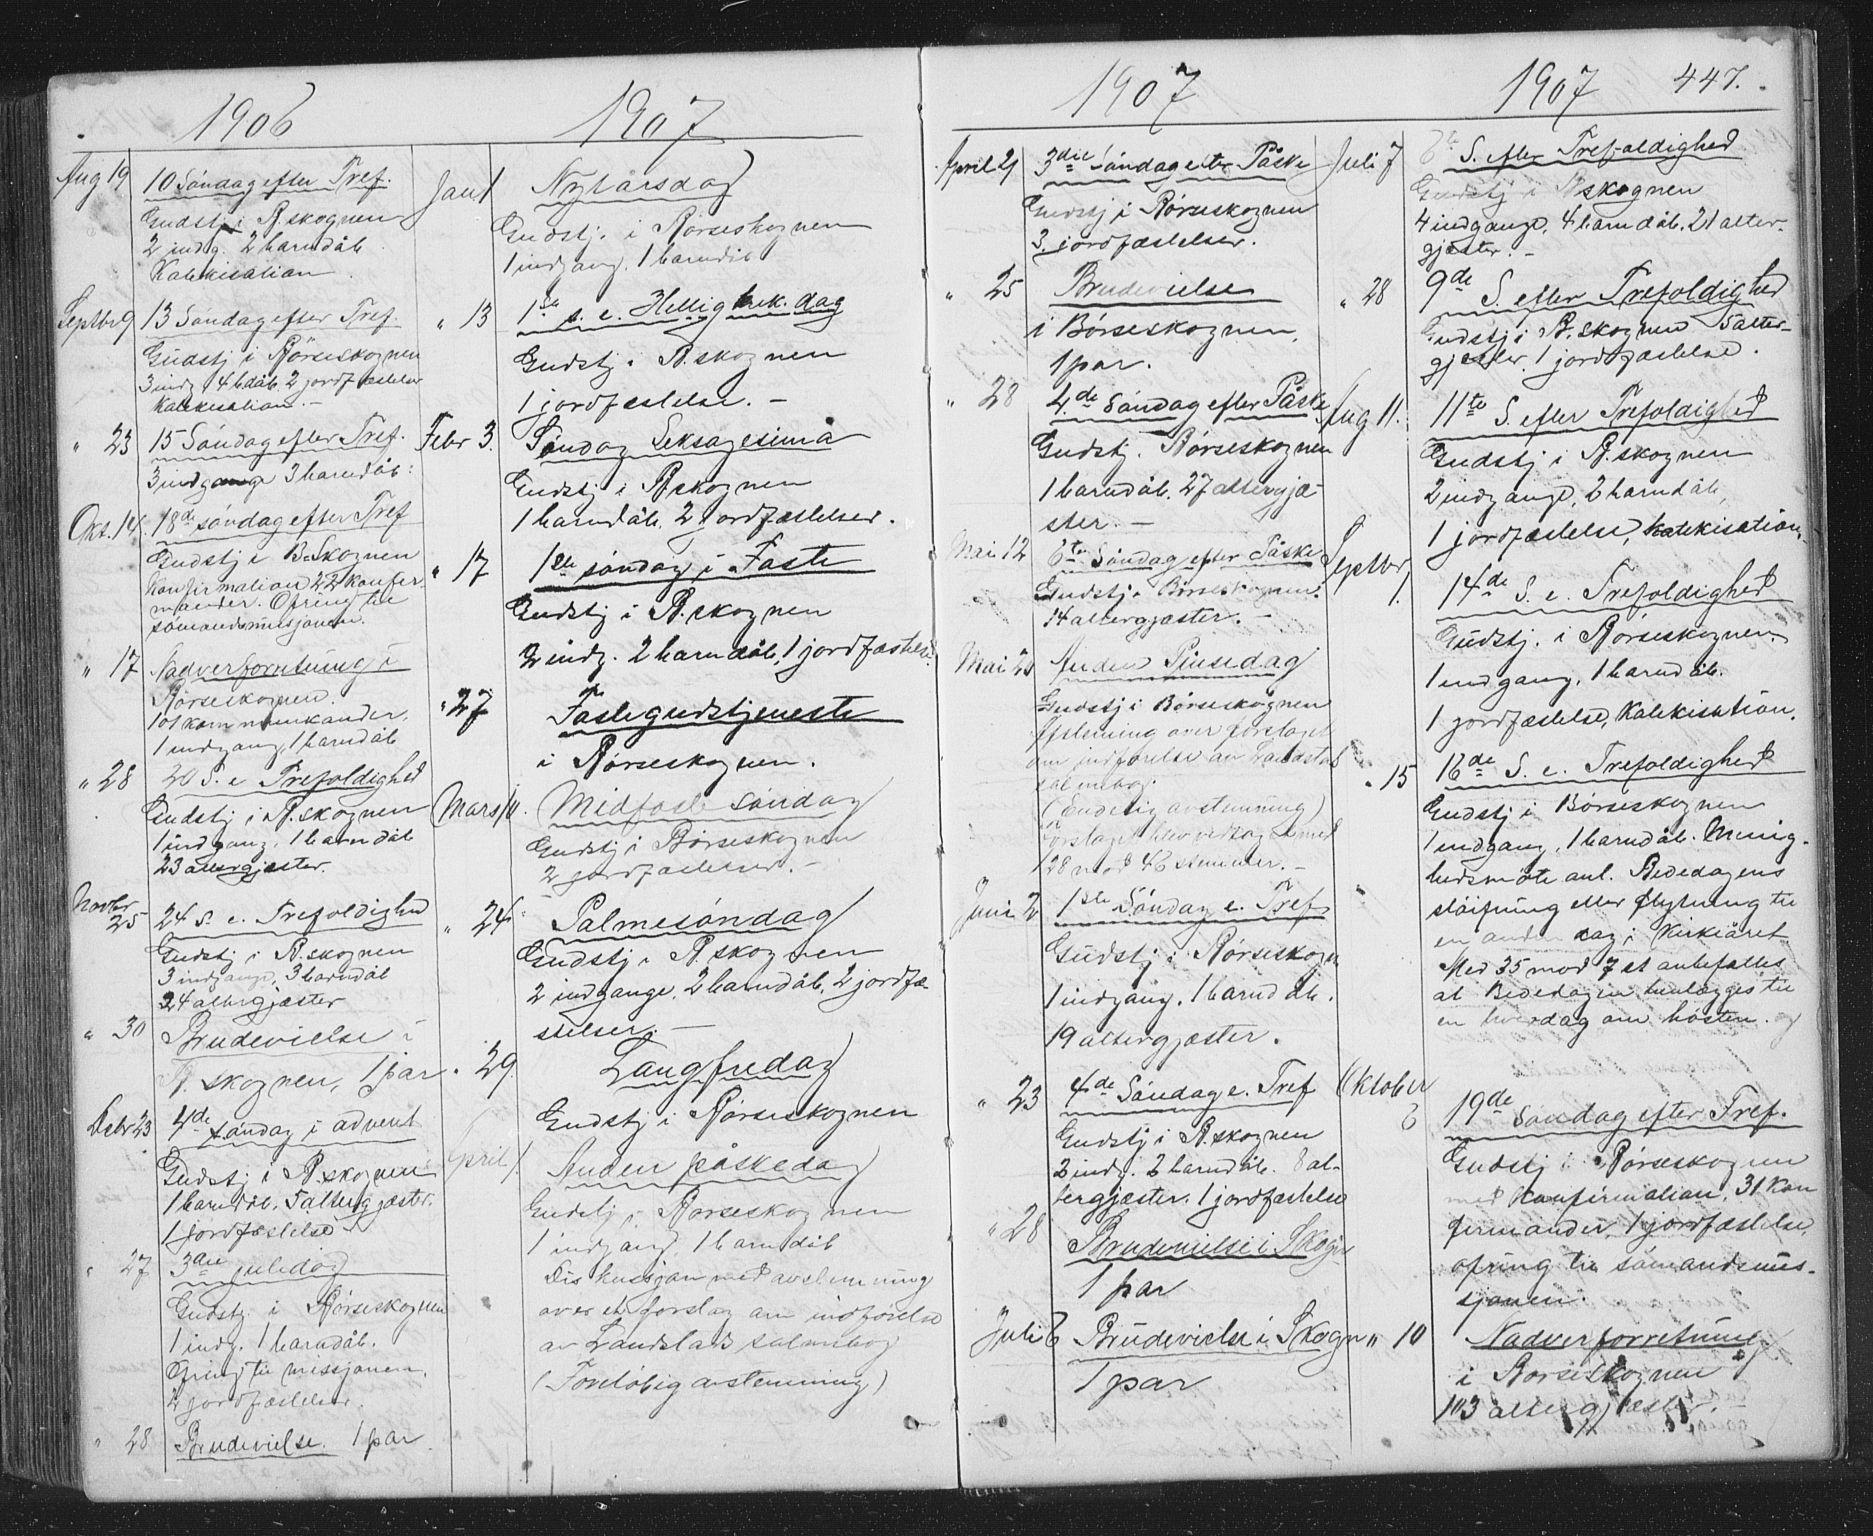 SAT, Ministerialprotokoller, klokkerbøker og fødselsregistre - Sør-Trøndelag, 667/L0798: Klokkerbok nr. 667C03, 1867-1929, s. 447